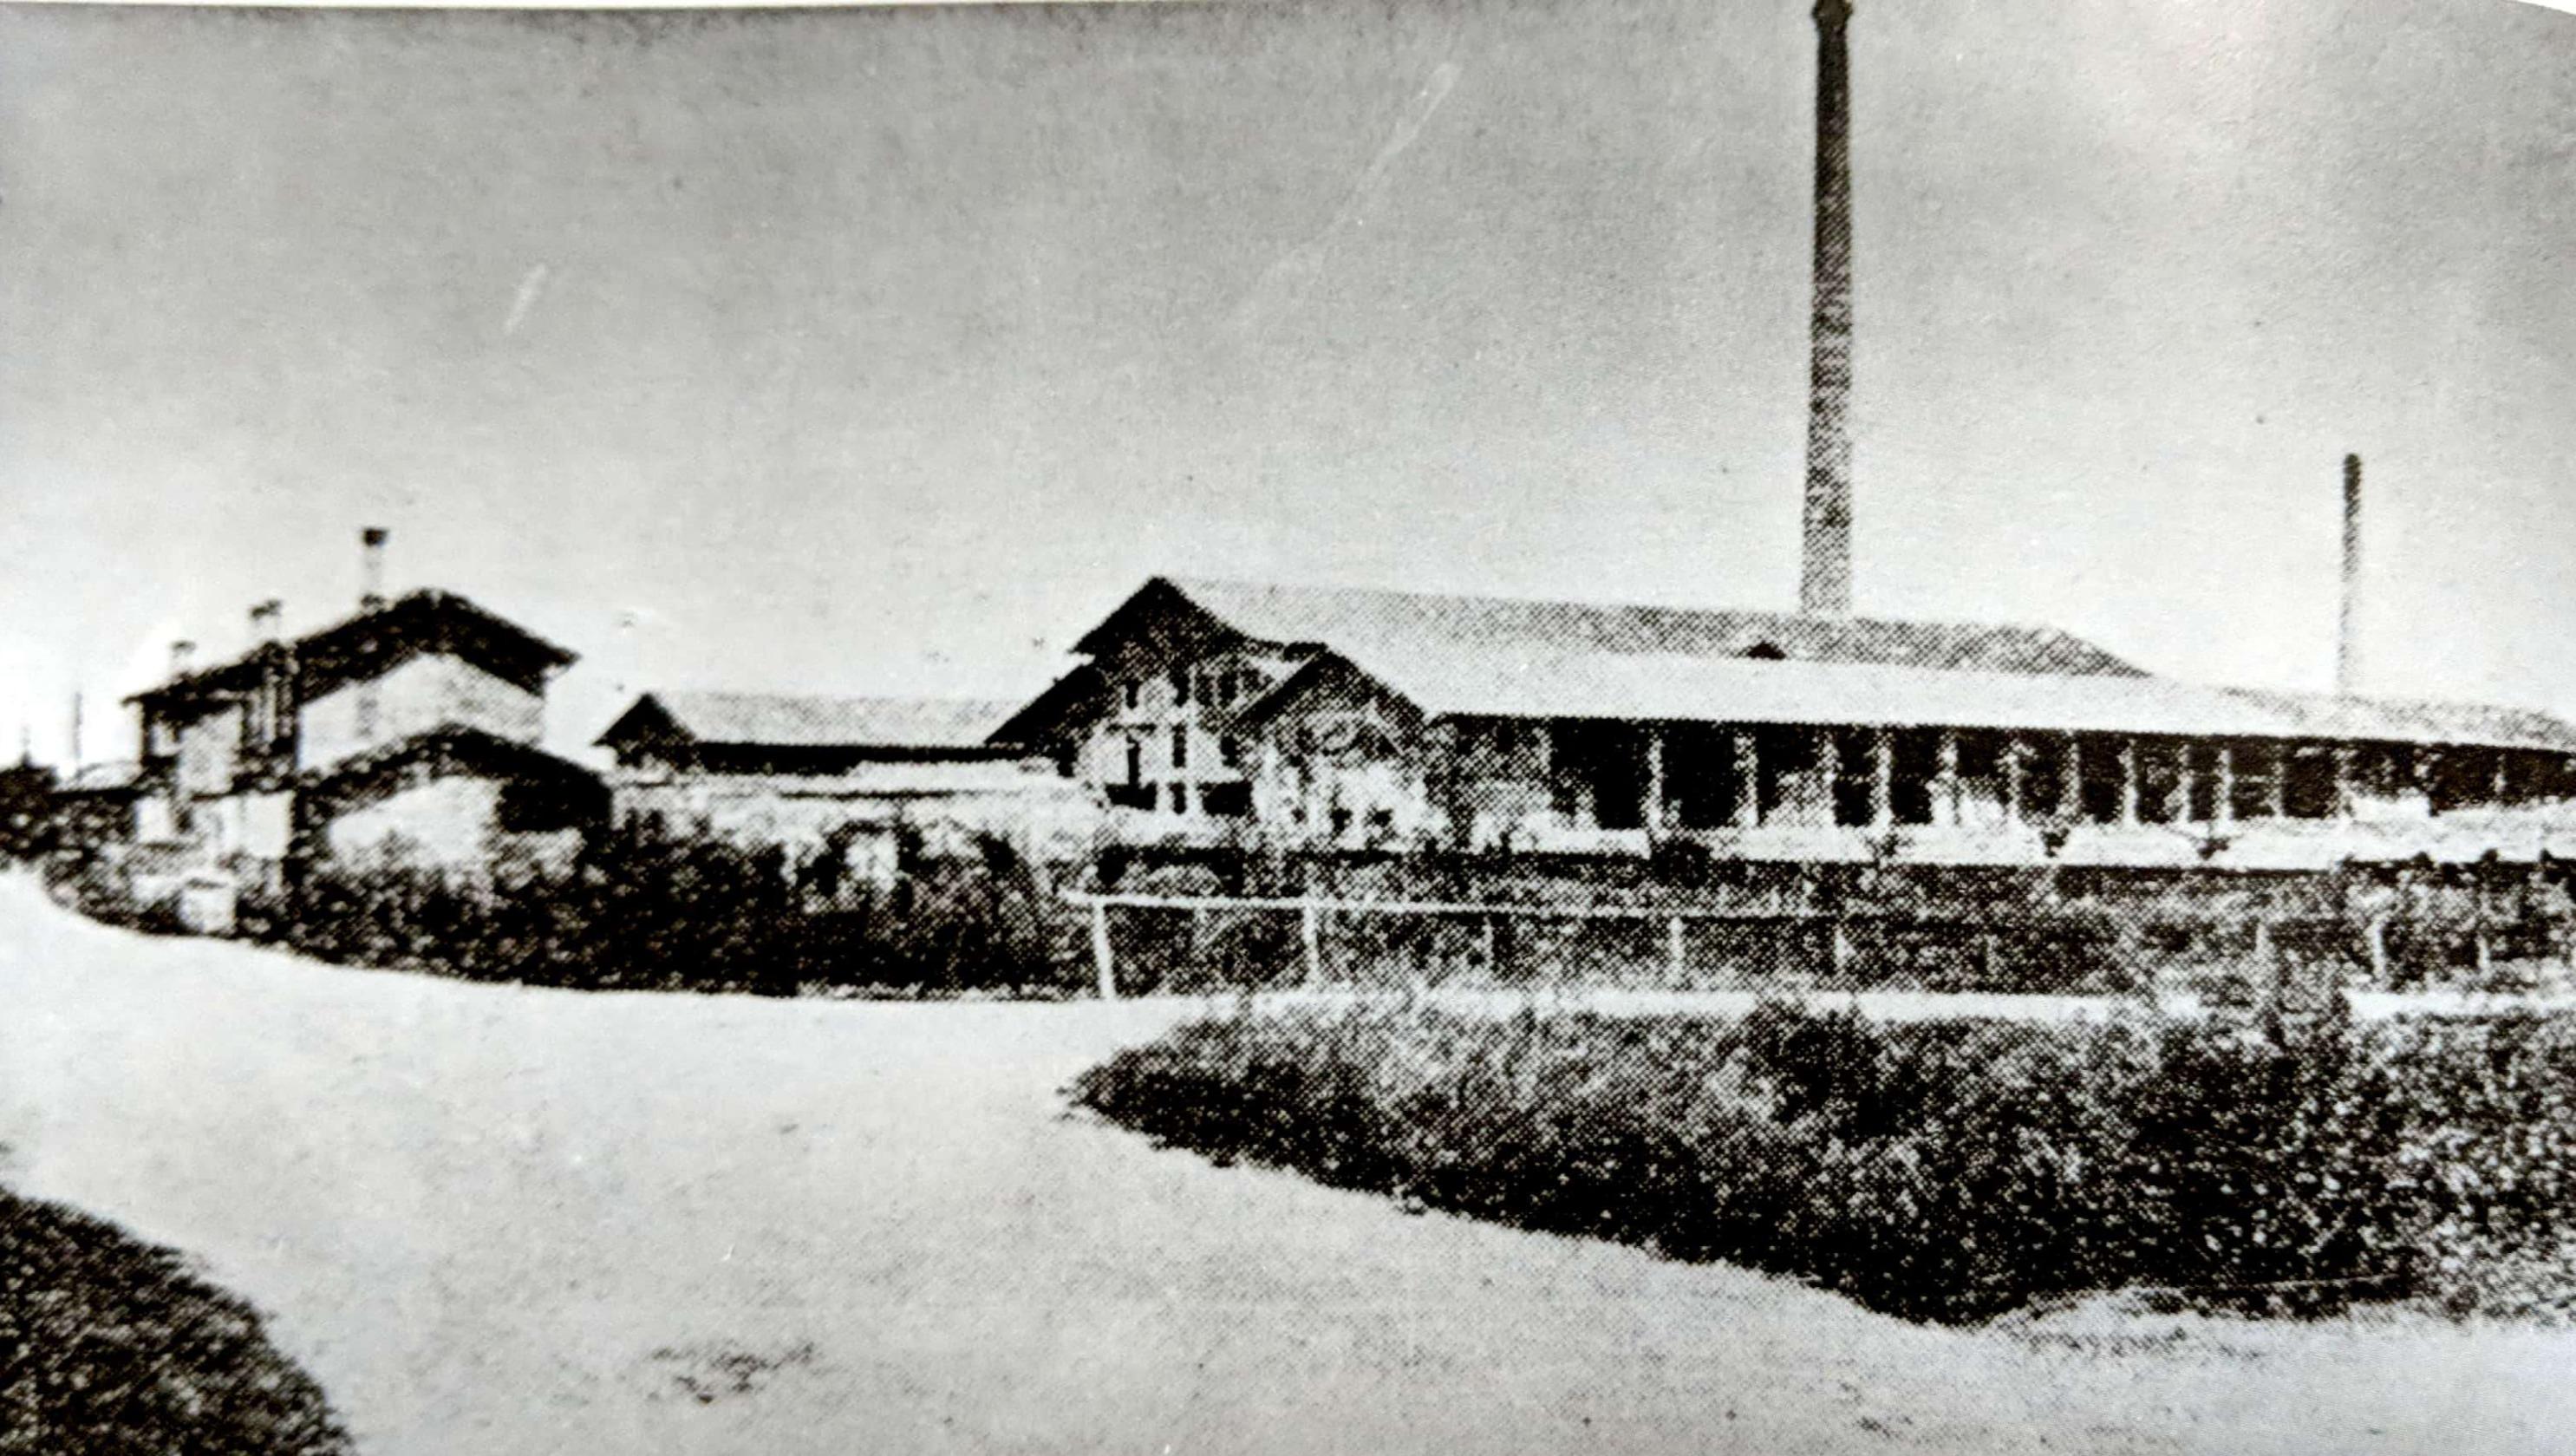 The brick kiln in San Giorgio (where the Vini San Giorgio winery now stands) in 1928.